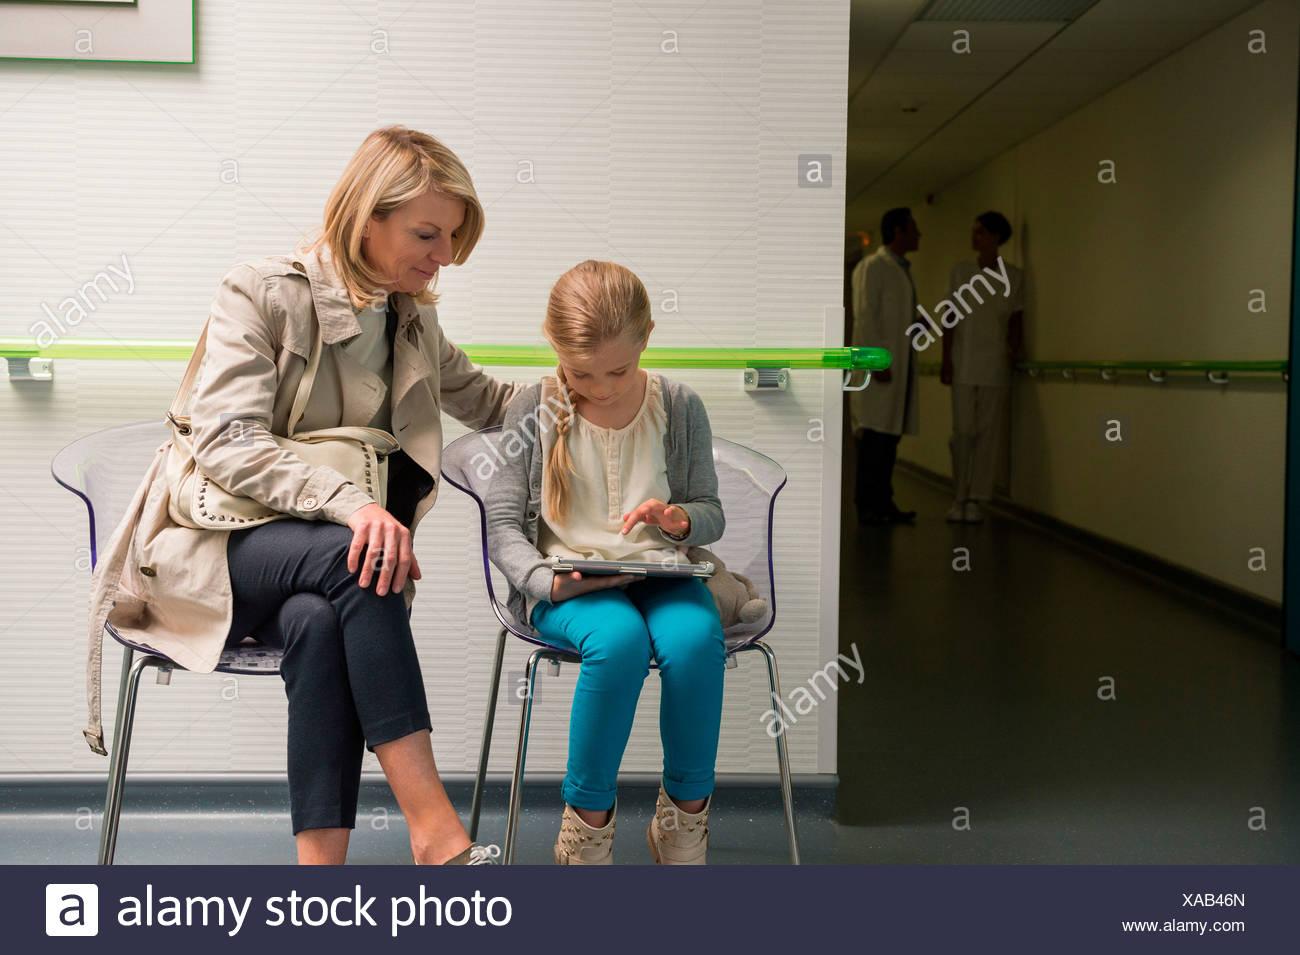 Donna con sua figlia seduta in ospedale in sala d'attesa Immagini Stock